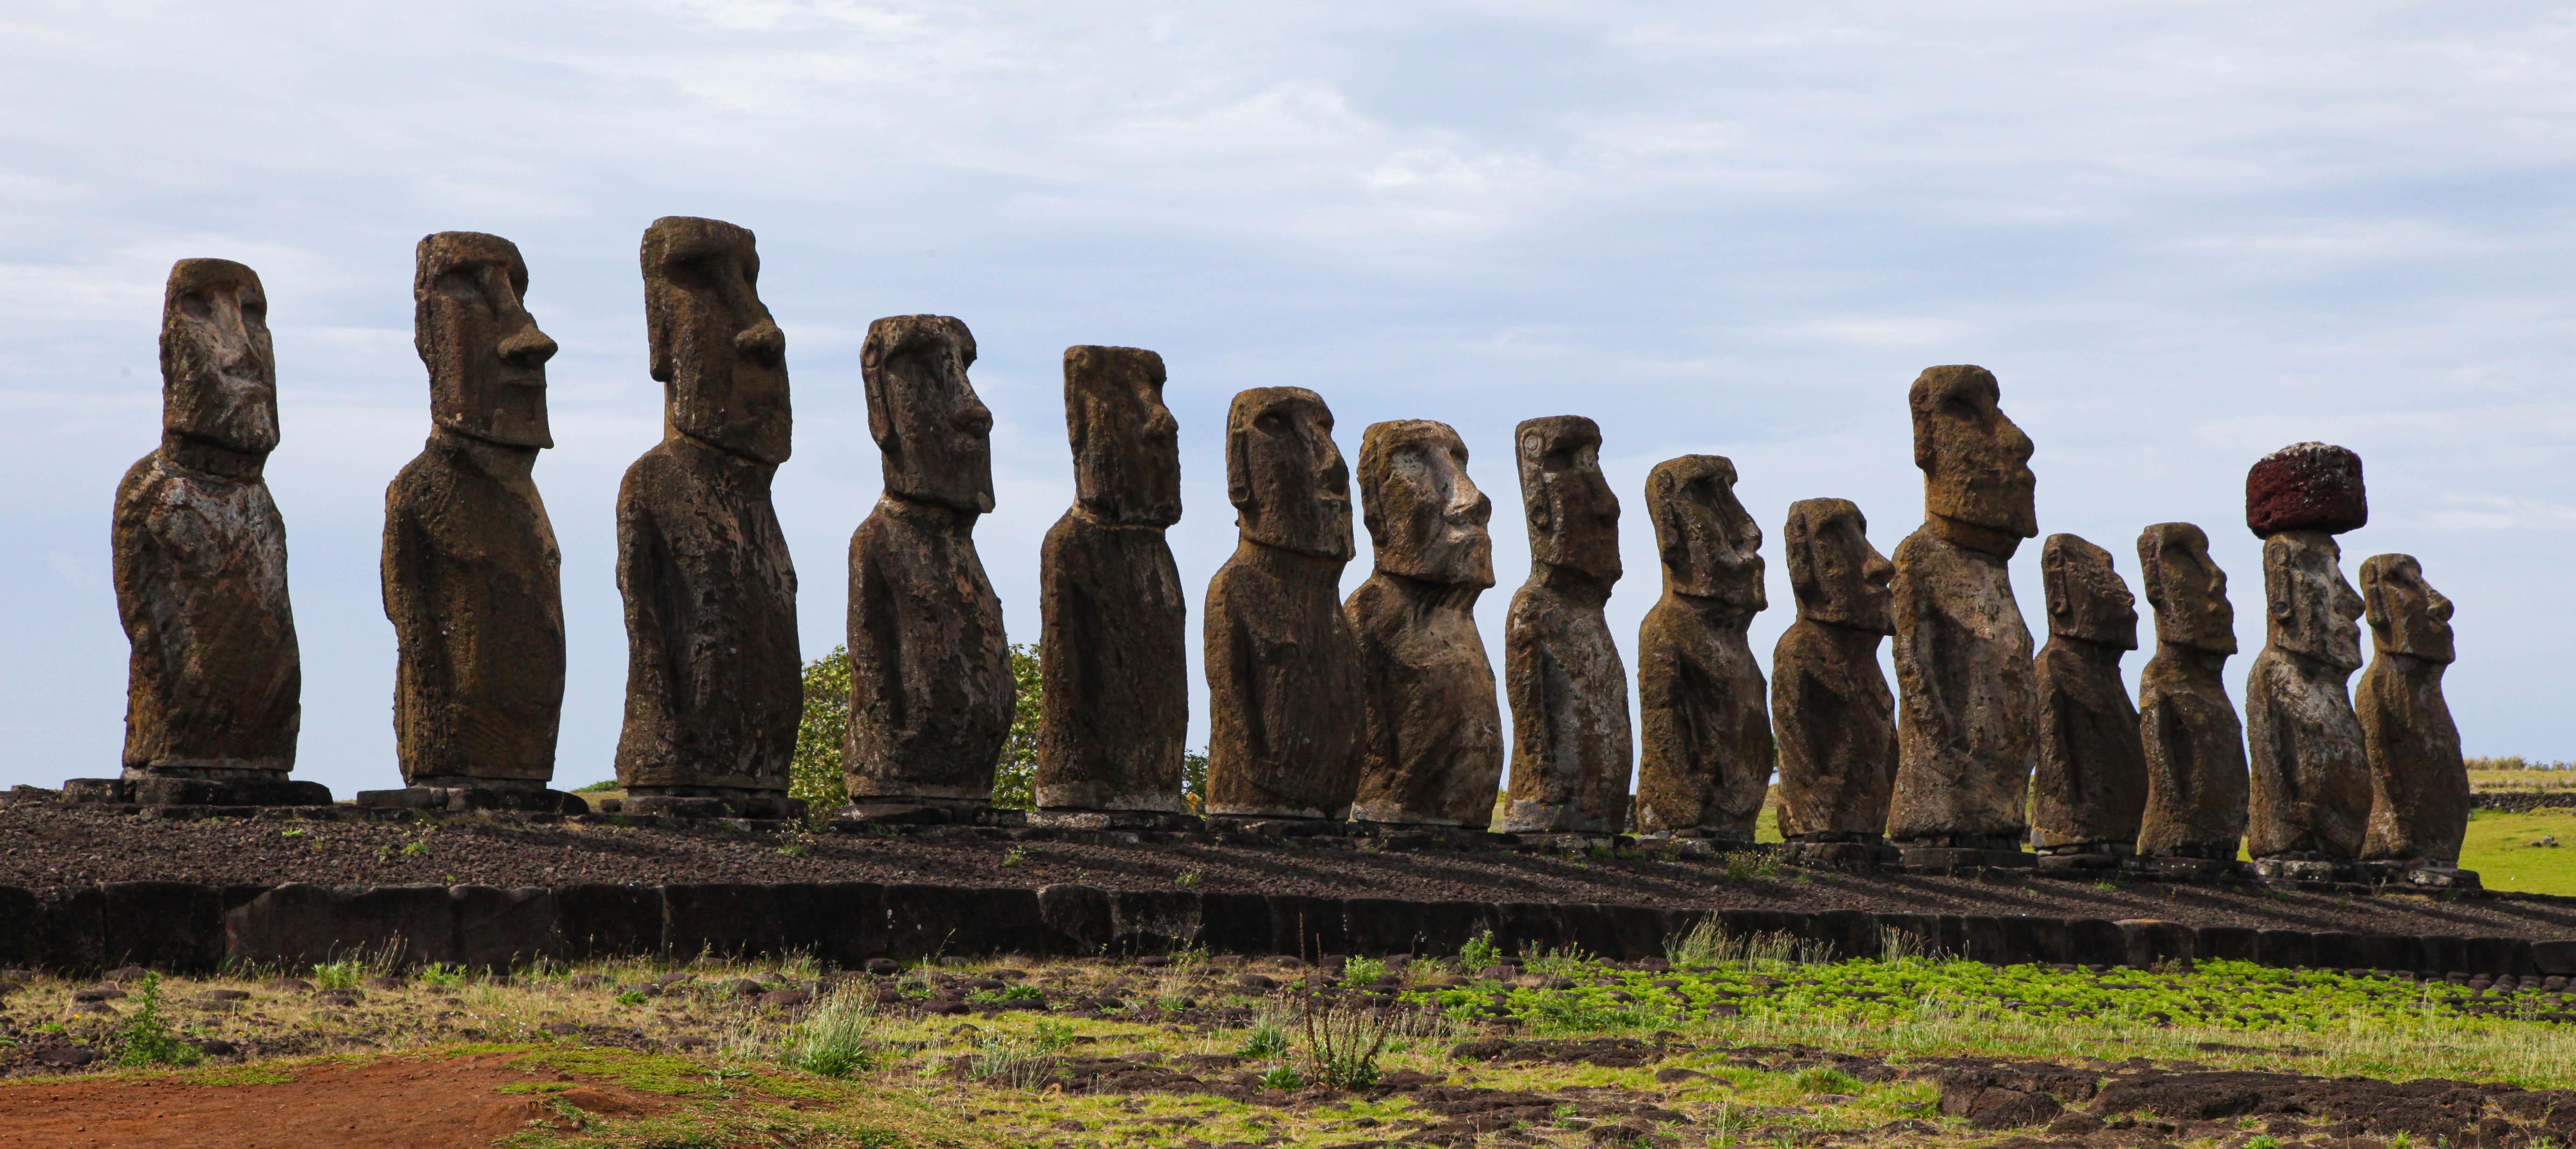 Ahu Tongariki, Rapa Nui (Easter Island)